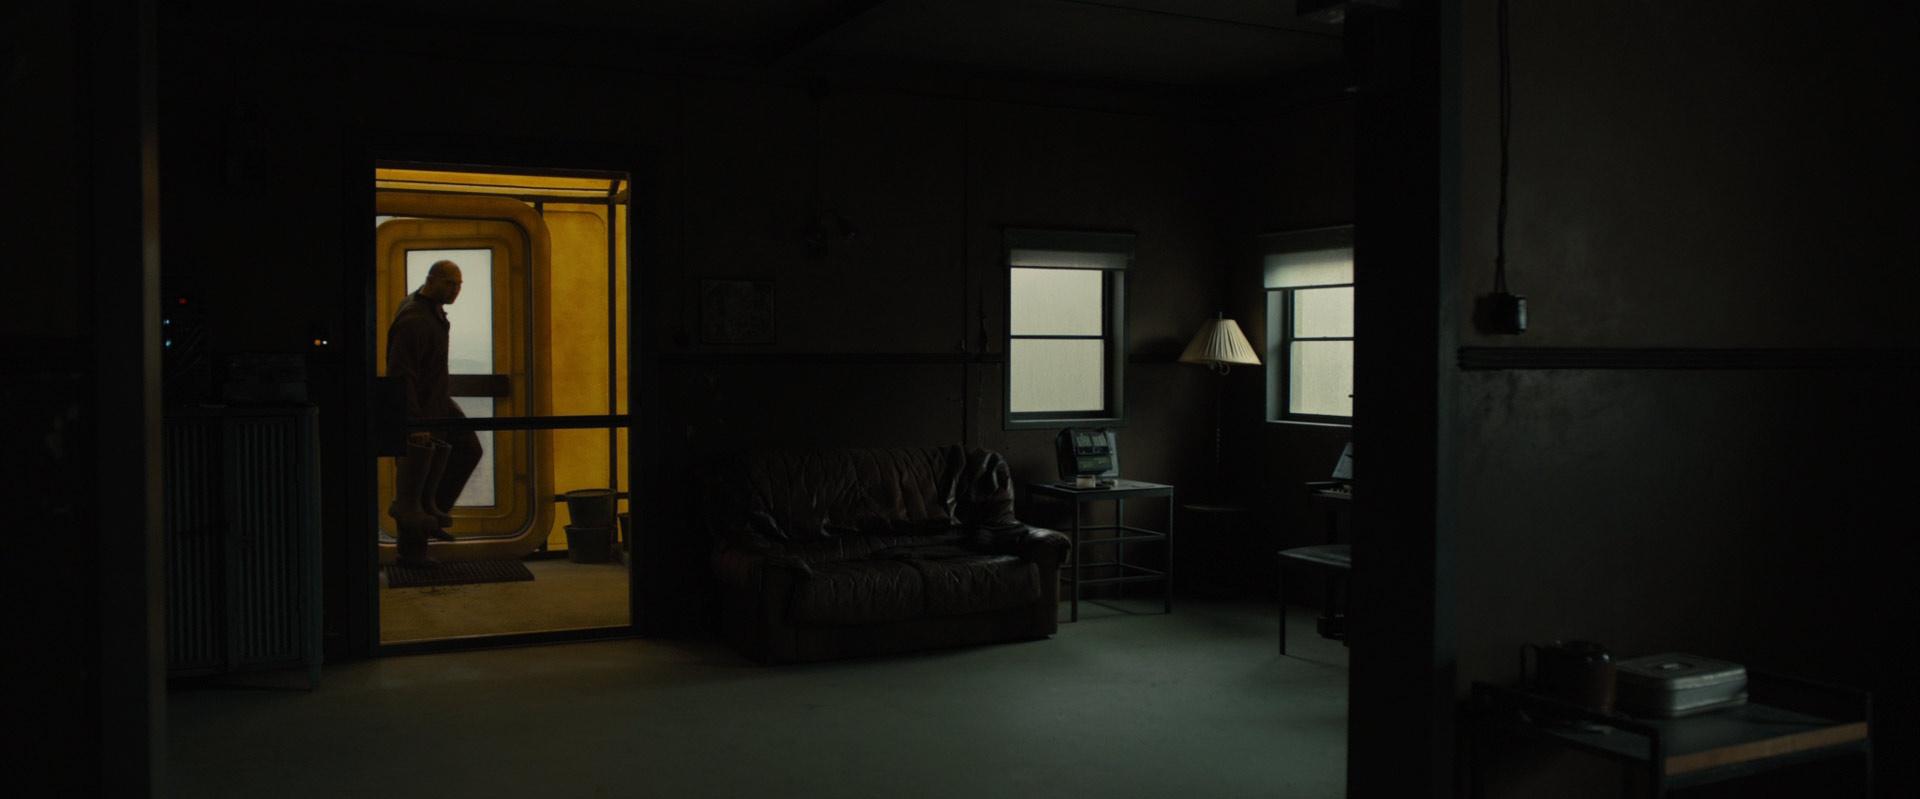 Blade Runner 2049 0027